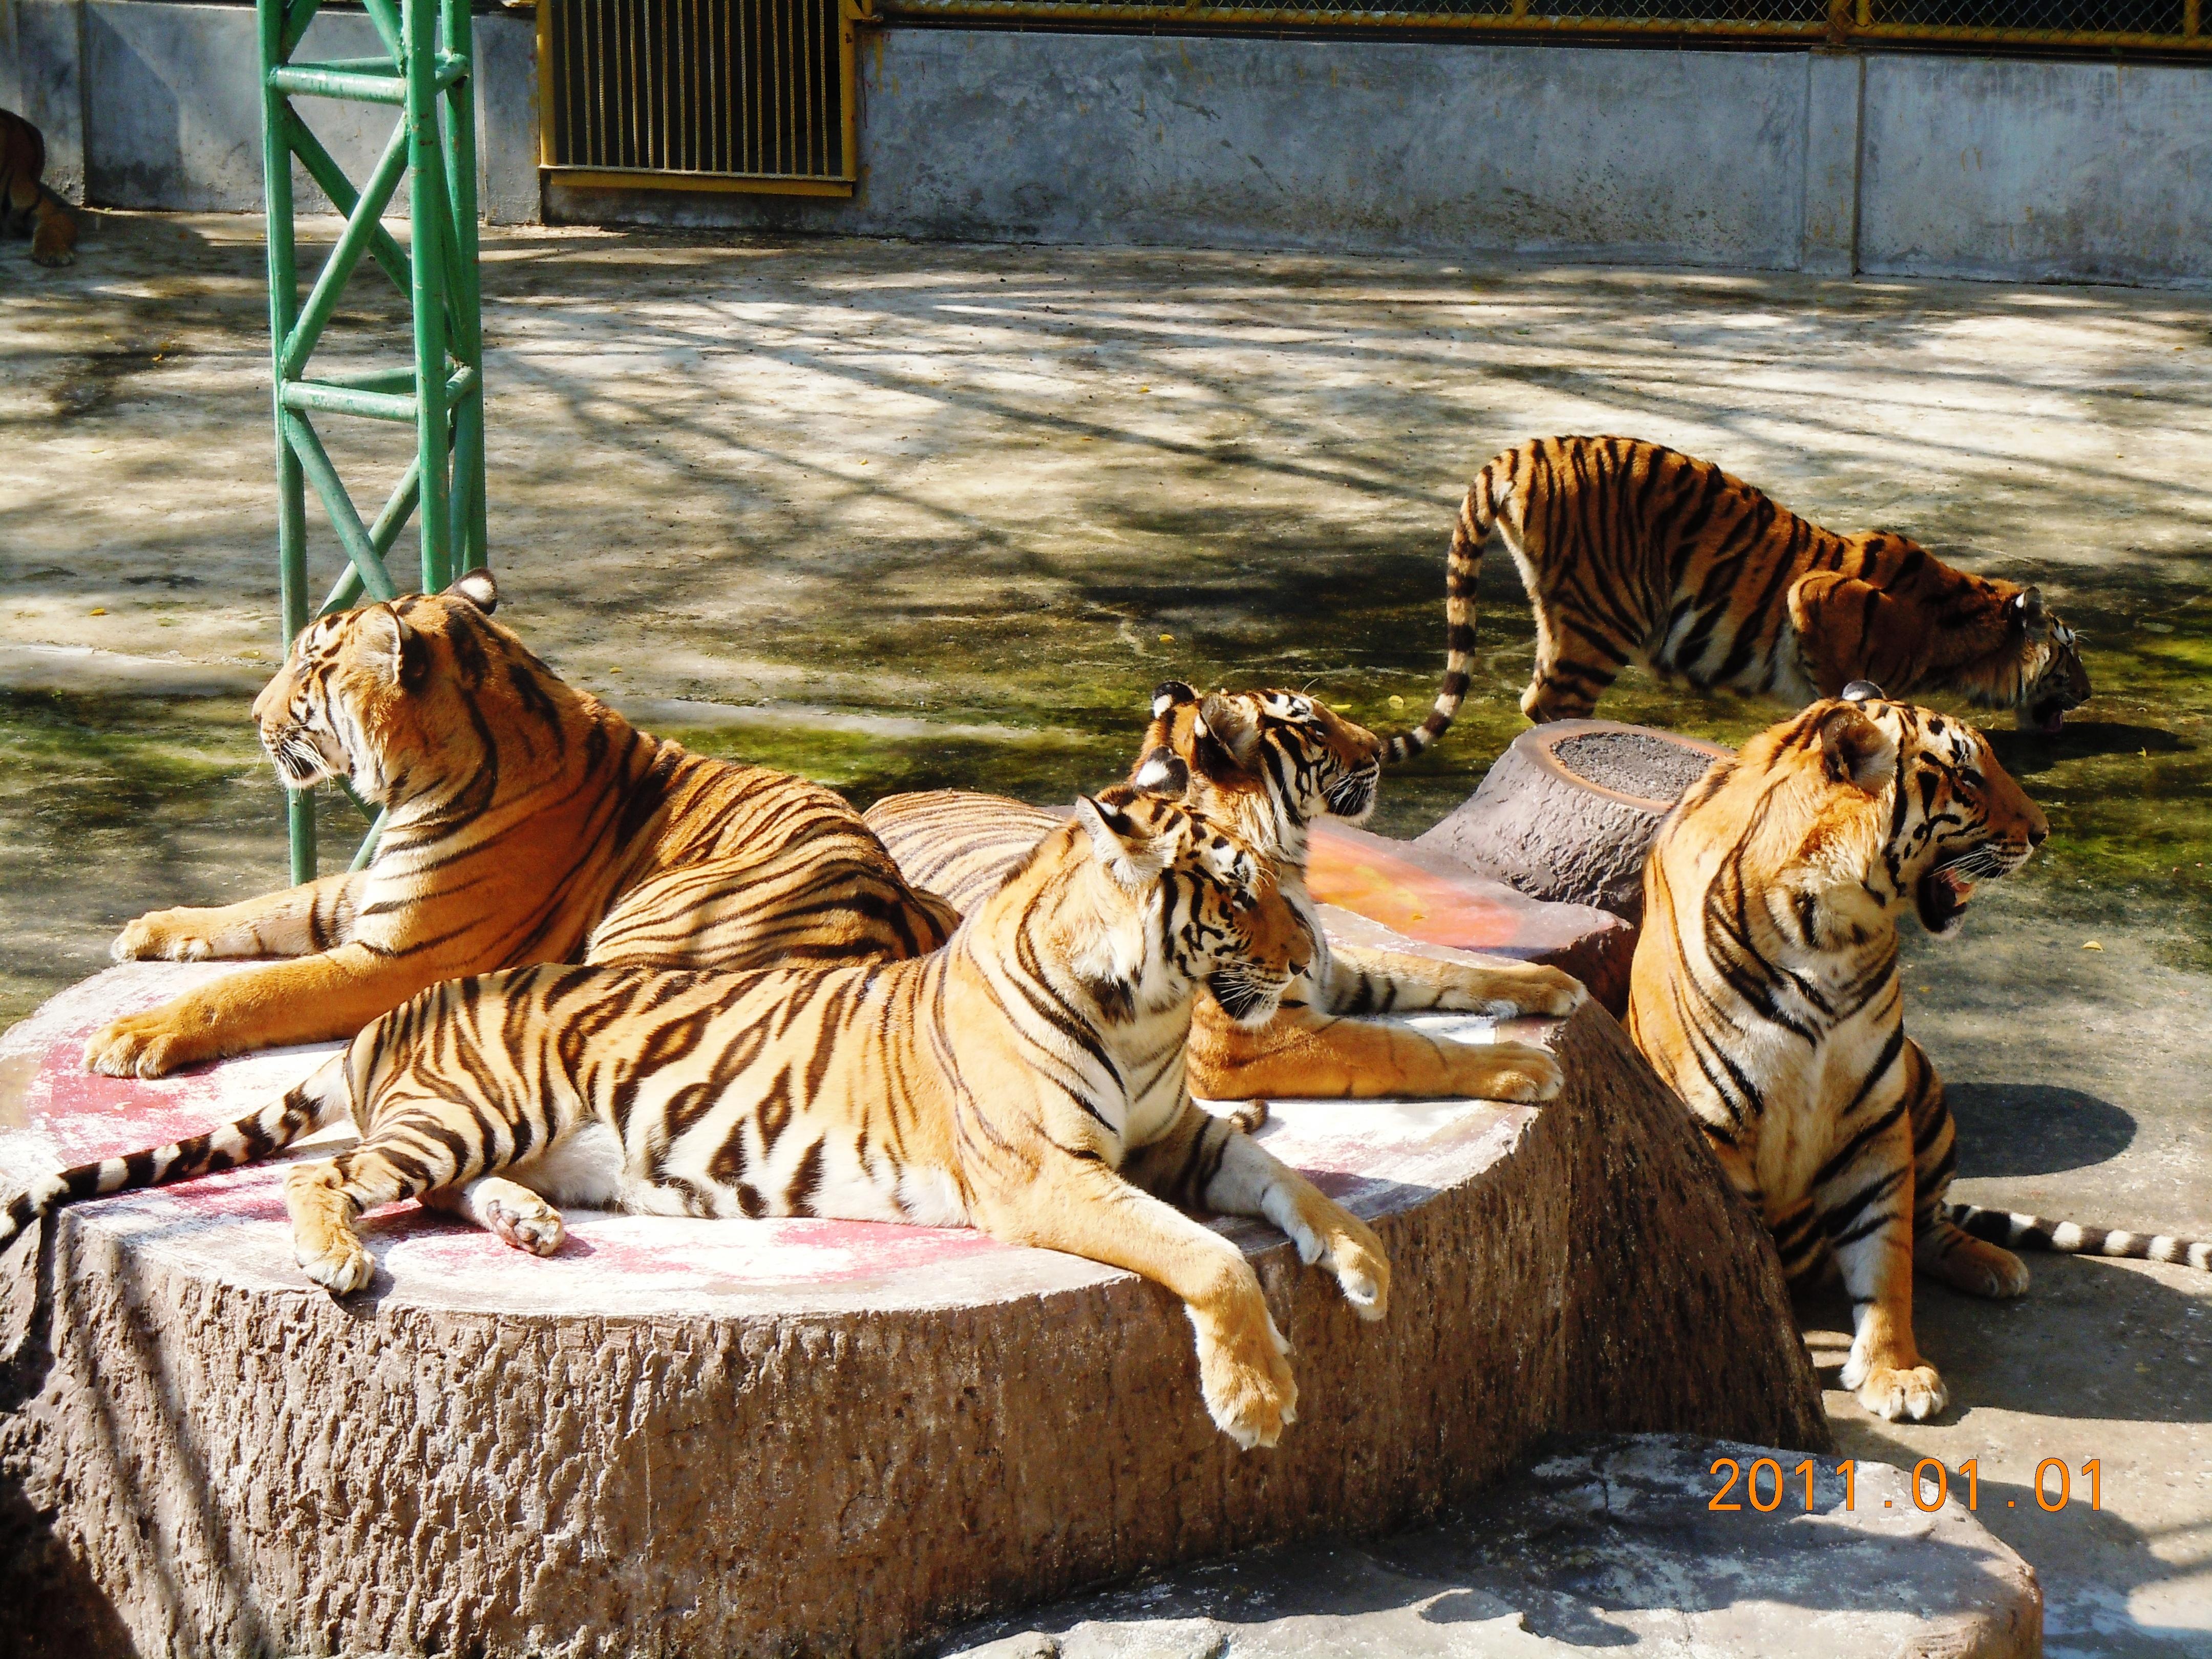 Bored Tigers Yawning Away